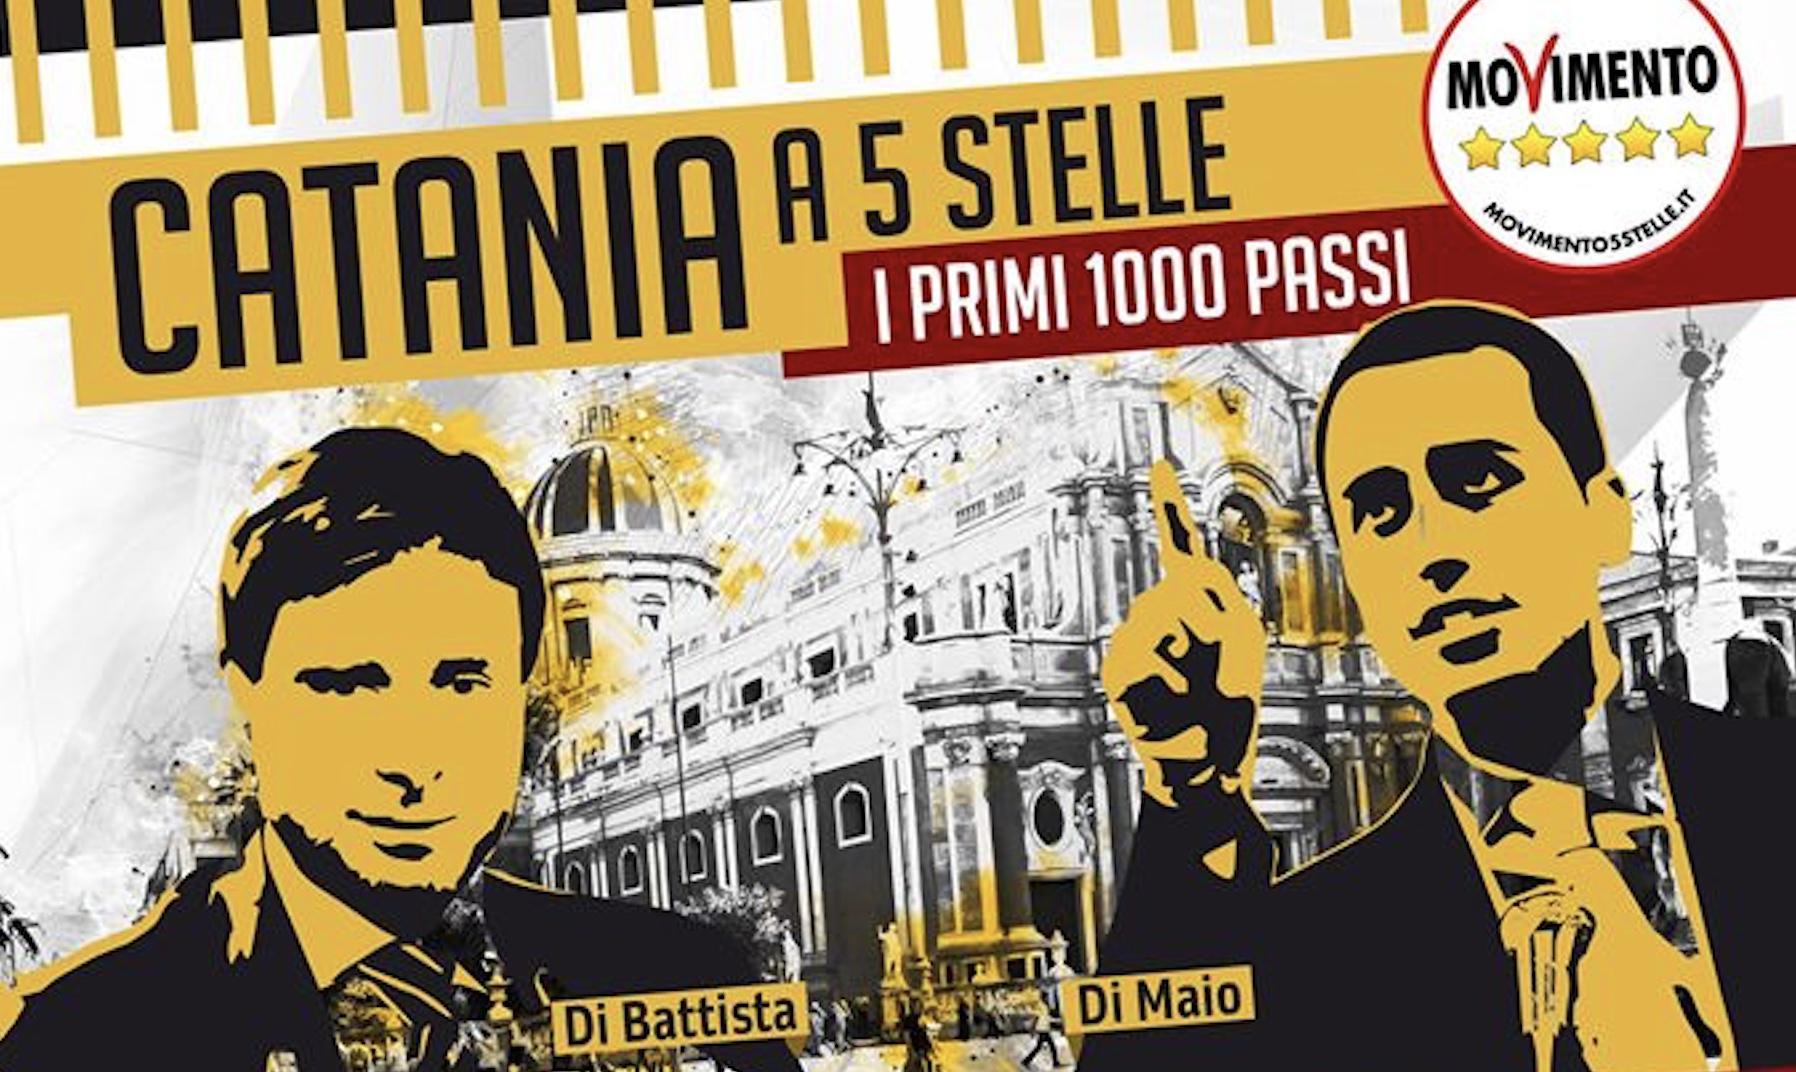 I 5 stelle a Catania, previsti interventi di Di Maio e Di Battista$